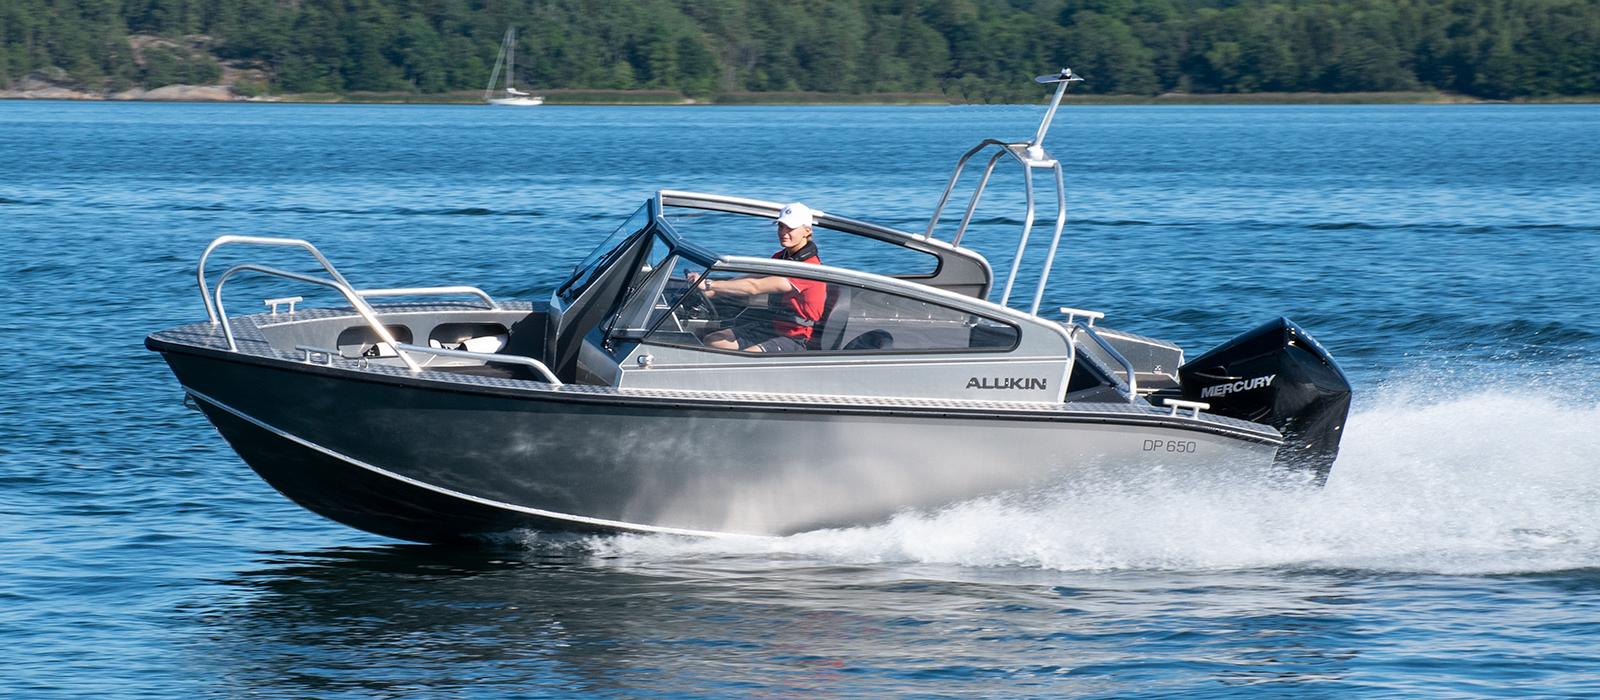 Alukin DP 650 med Mercury V6-200 hk - Testa ock provkör gärna båten hos Flipper Marin